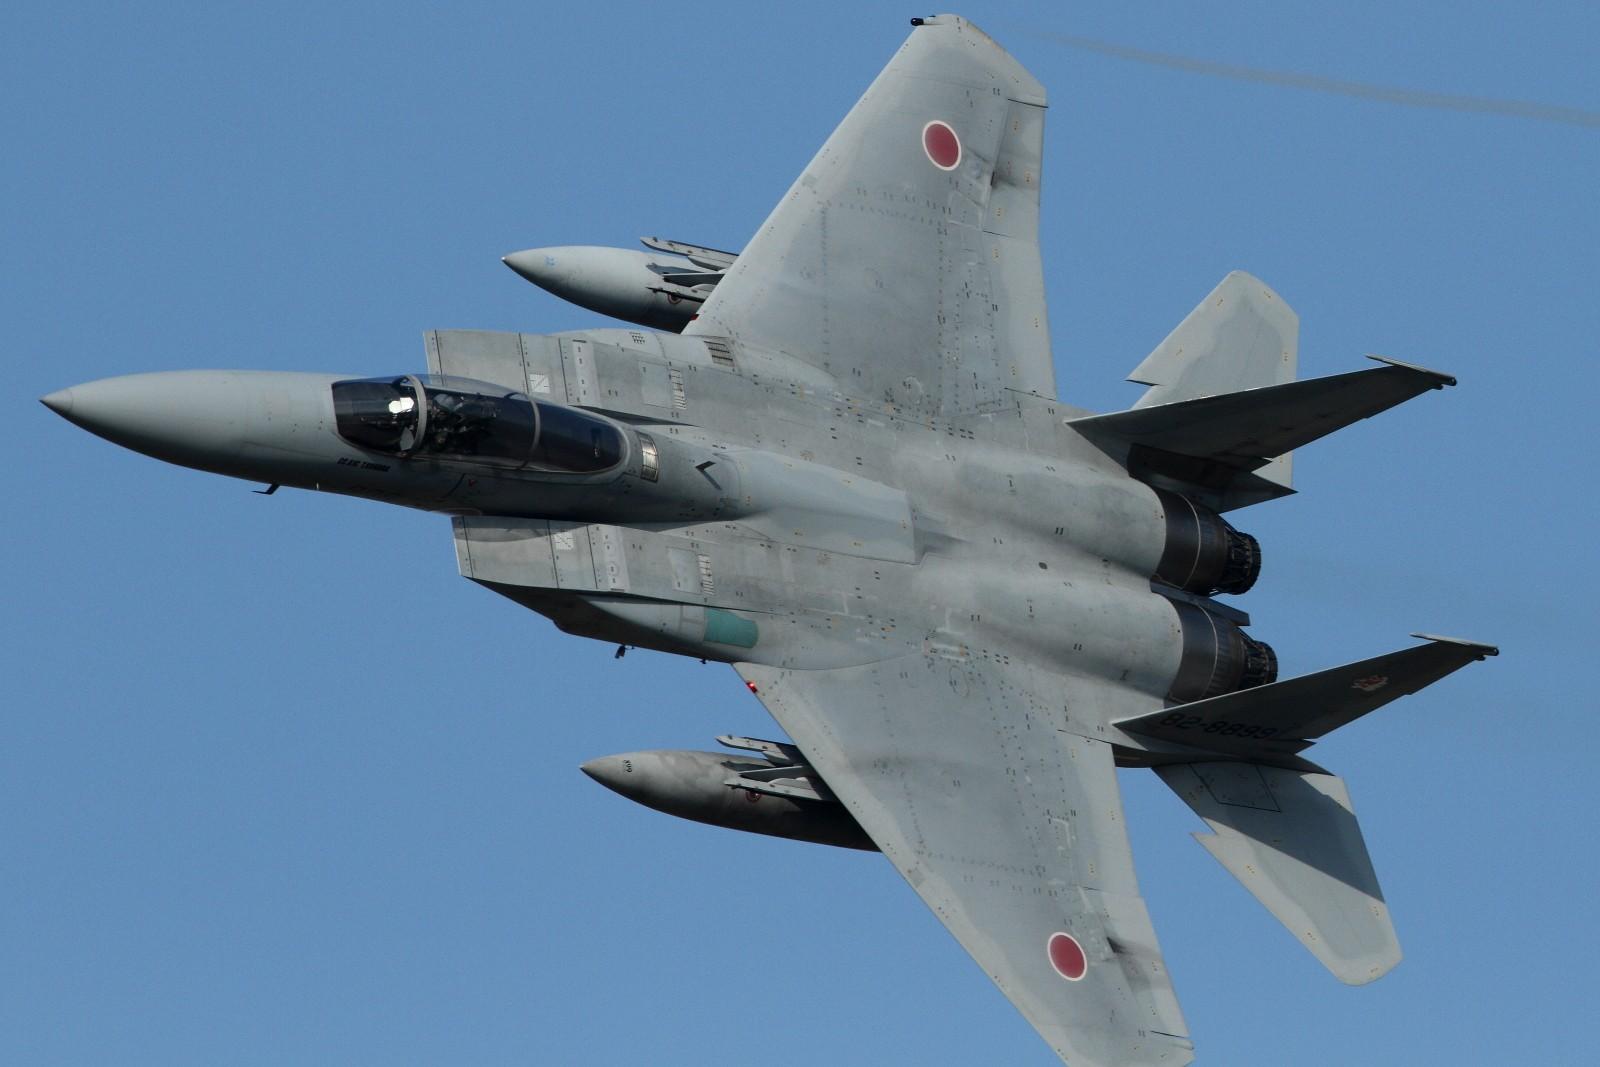 デスクトップ壁紙 車両 飛行機 航空機 軍用機 Sukhoi Su 27